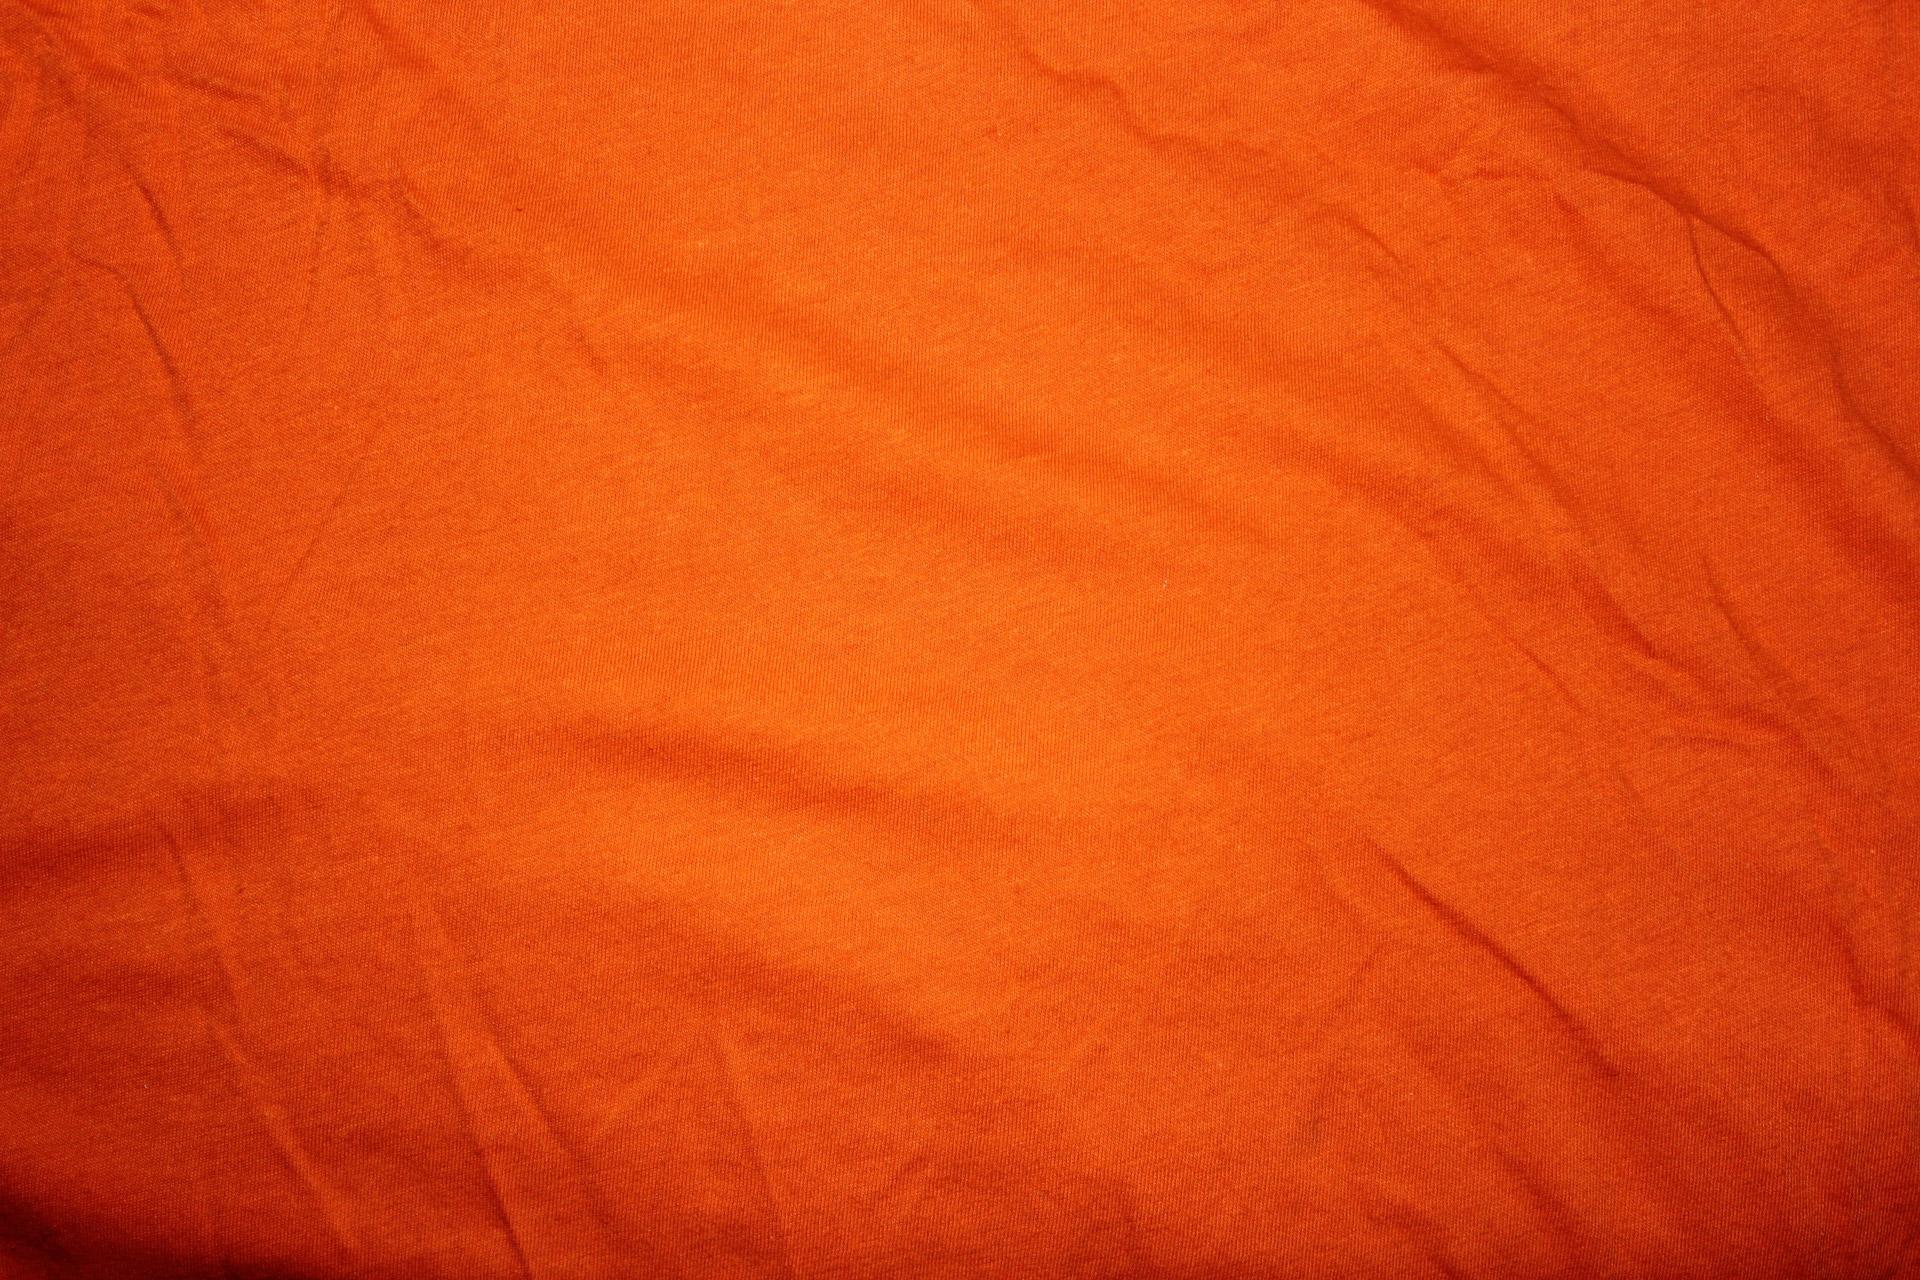 Orange Textile Background Stock Photo HD   Public Domain Pictures 1920x1280